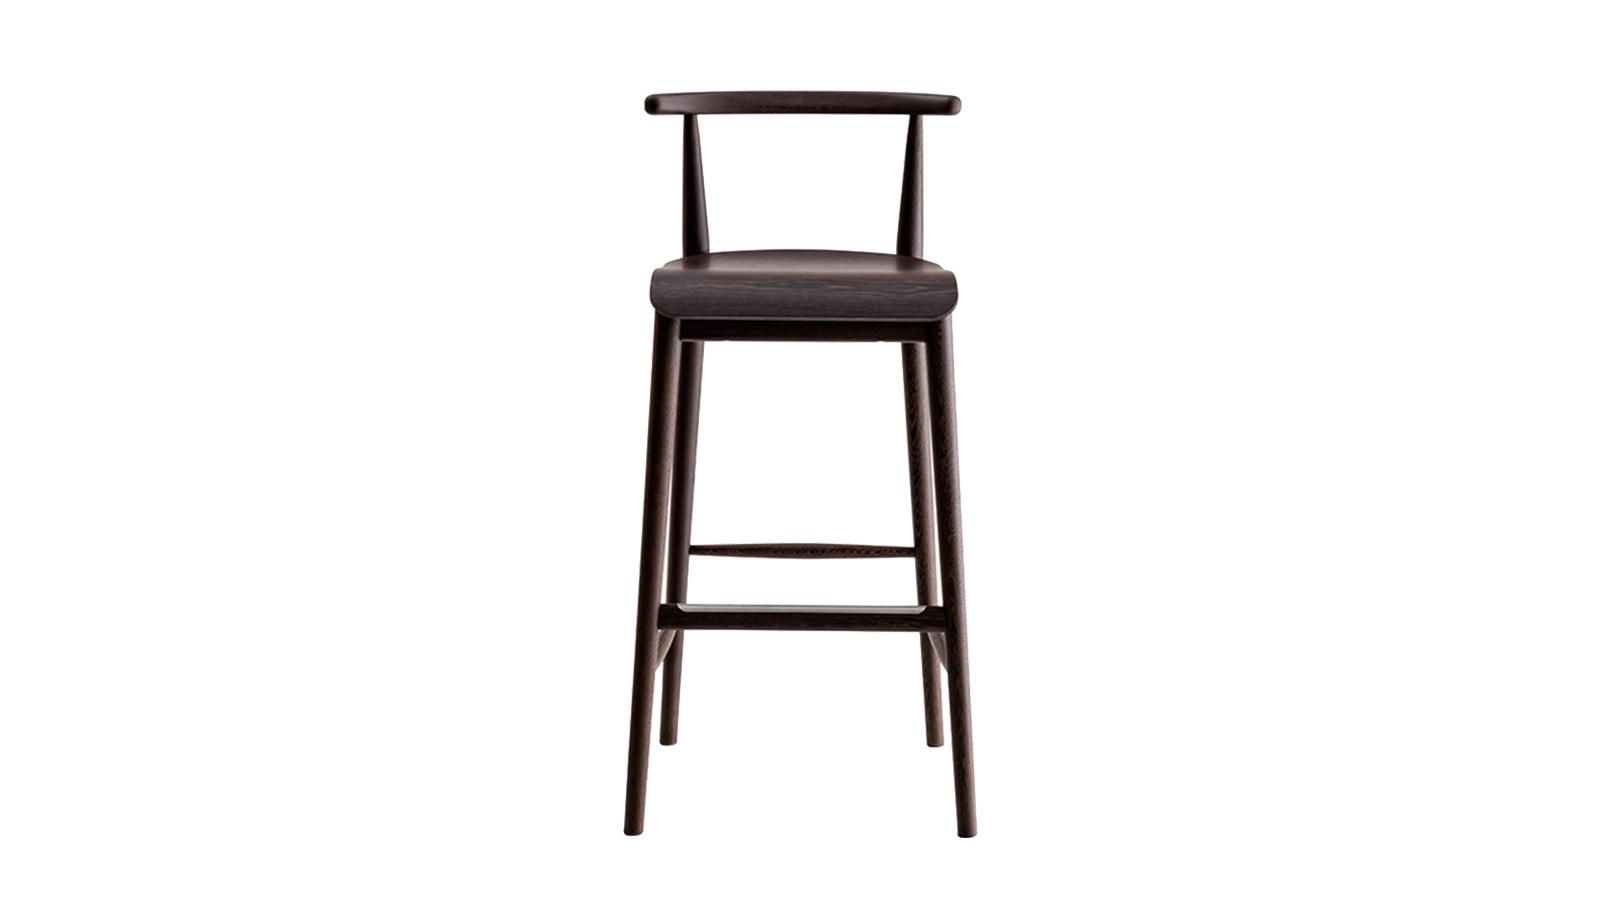 A Jens szék egyedi báját az adja, hogy szépségét számos korból meríti. Magán viseli a 19. század ún. shaker székéinek, az 1950-es évek stílusának jellemzőit, valamint a Ming dinasztia bútorainak vonásait is. A fa mesteri megmunkálása és a bőrülés együtt olyasmire vállalkozik, amit kevés bútor mondhat el magáról: a megkapó, mégis funkcionális, valamint ergonomikus, mégis stabil design megvalósítására. Kartámasszal és anélkül is kapható.